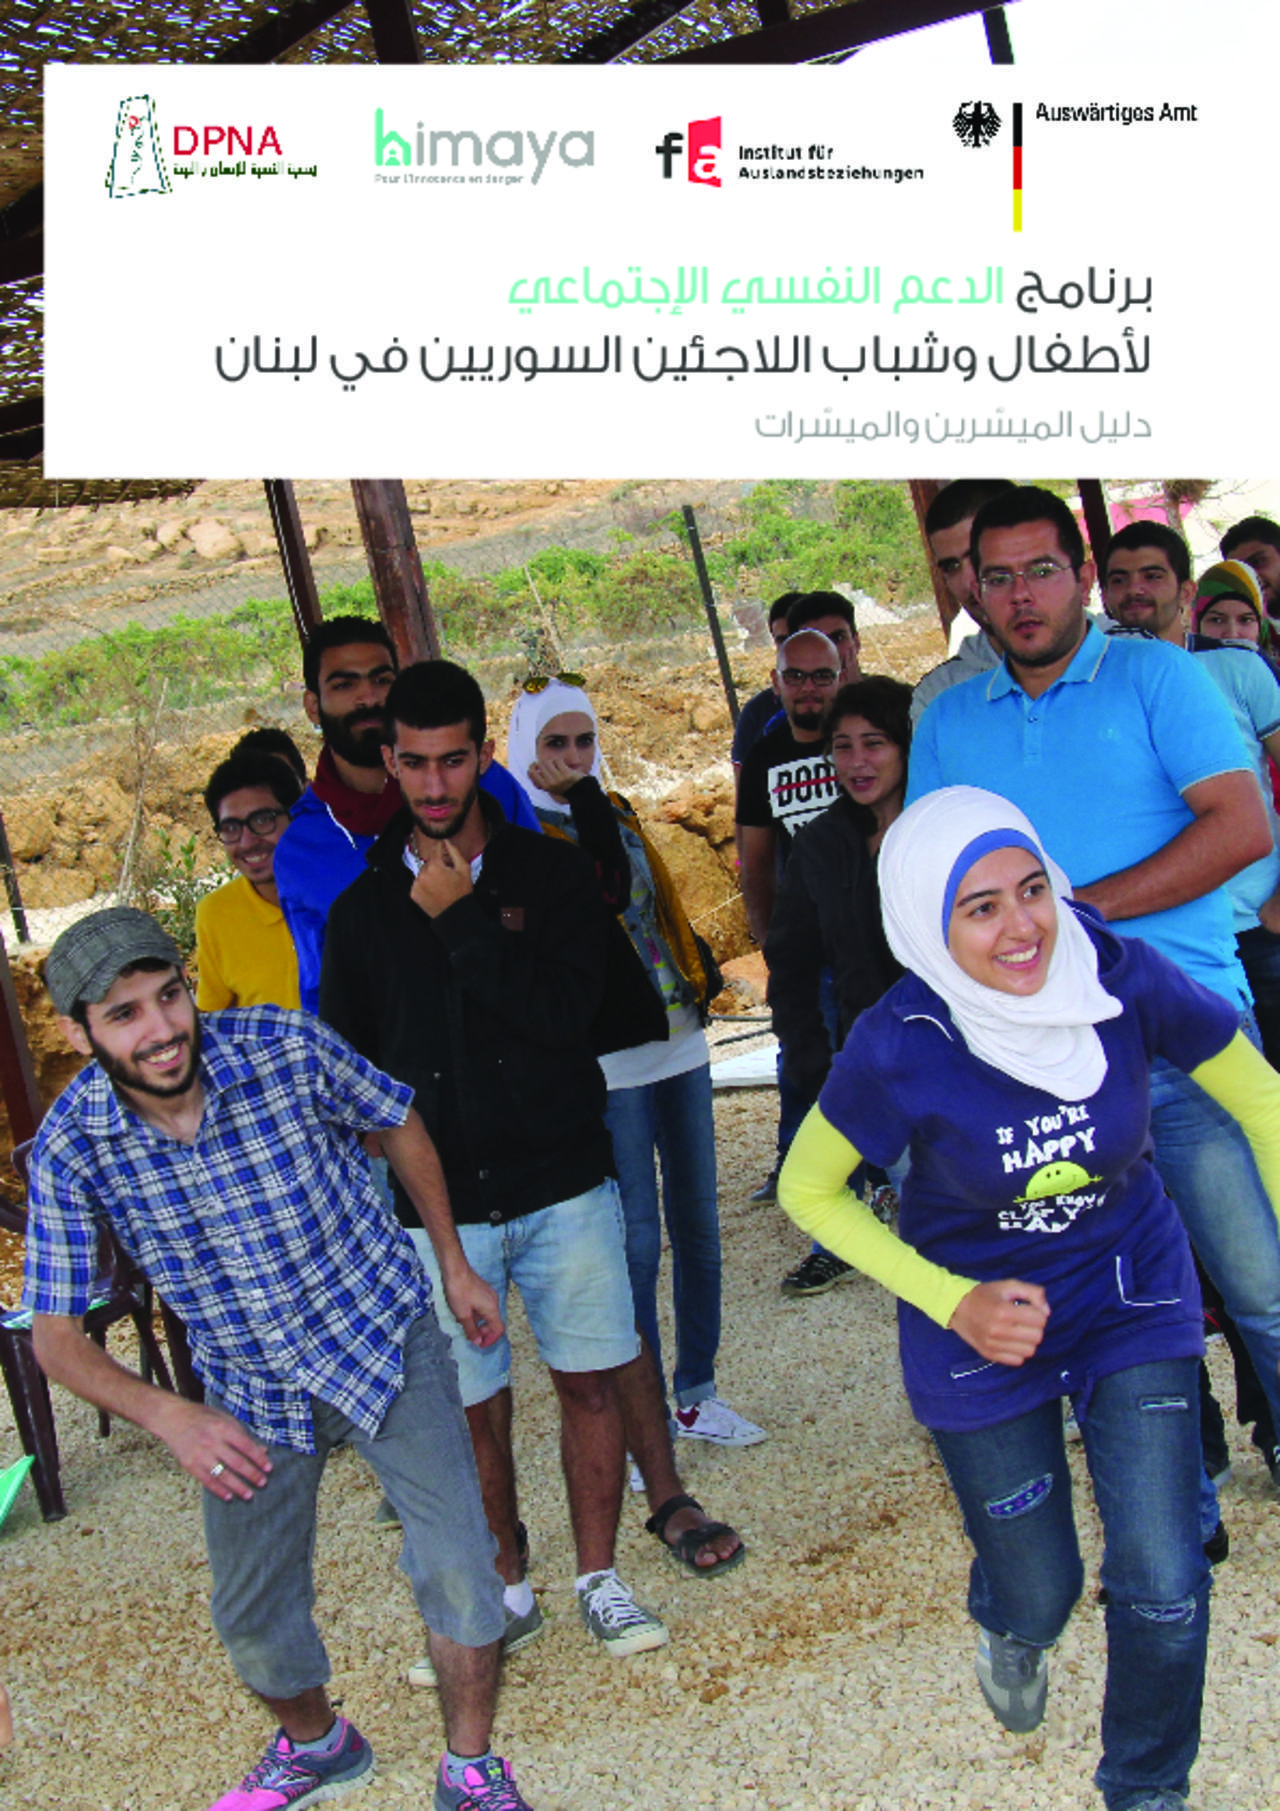 برنامج الدعم النفسي الإجتماعي لأطفال وشباب اللاجئين السوريين في لبنان دليل الميسّرين والميسّرات